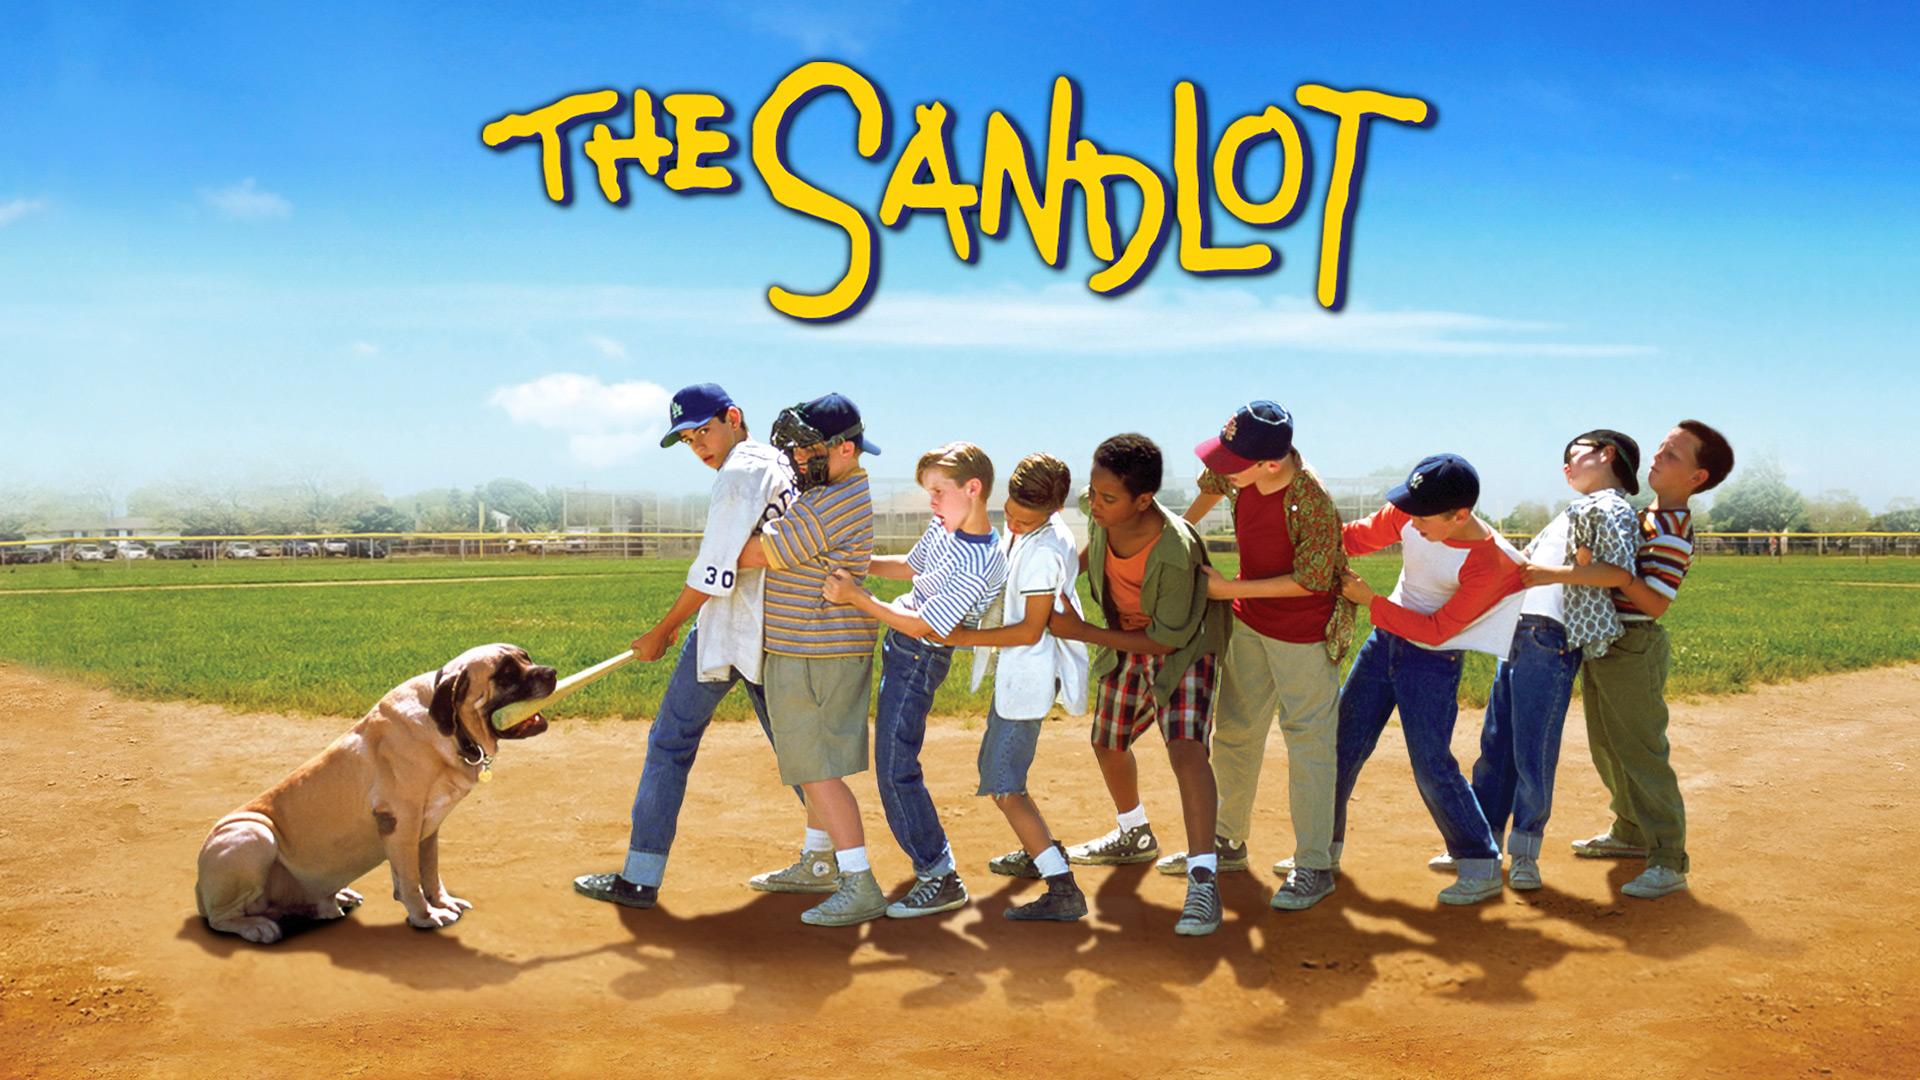 sandlot2.jpg